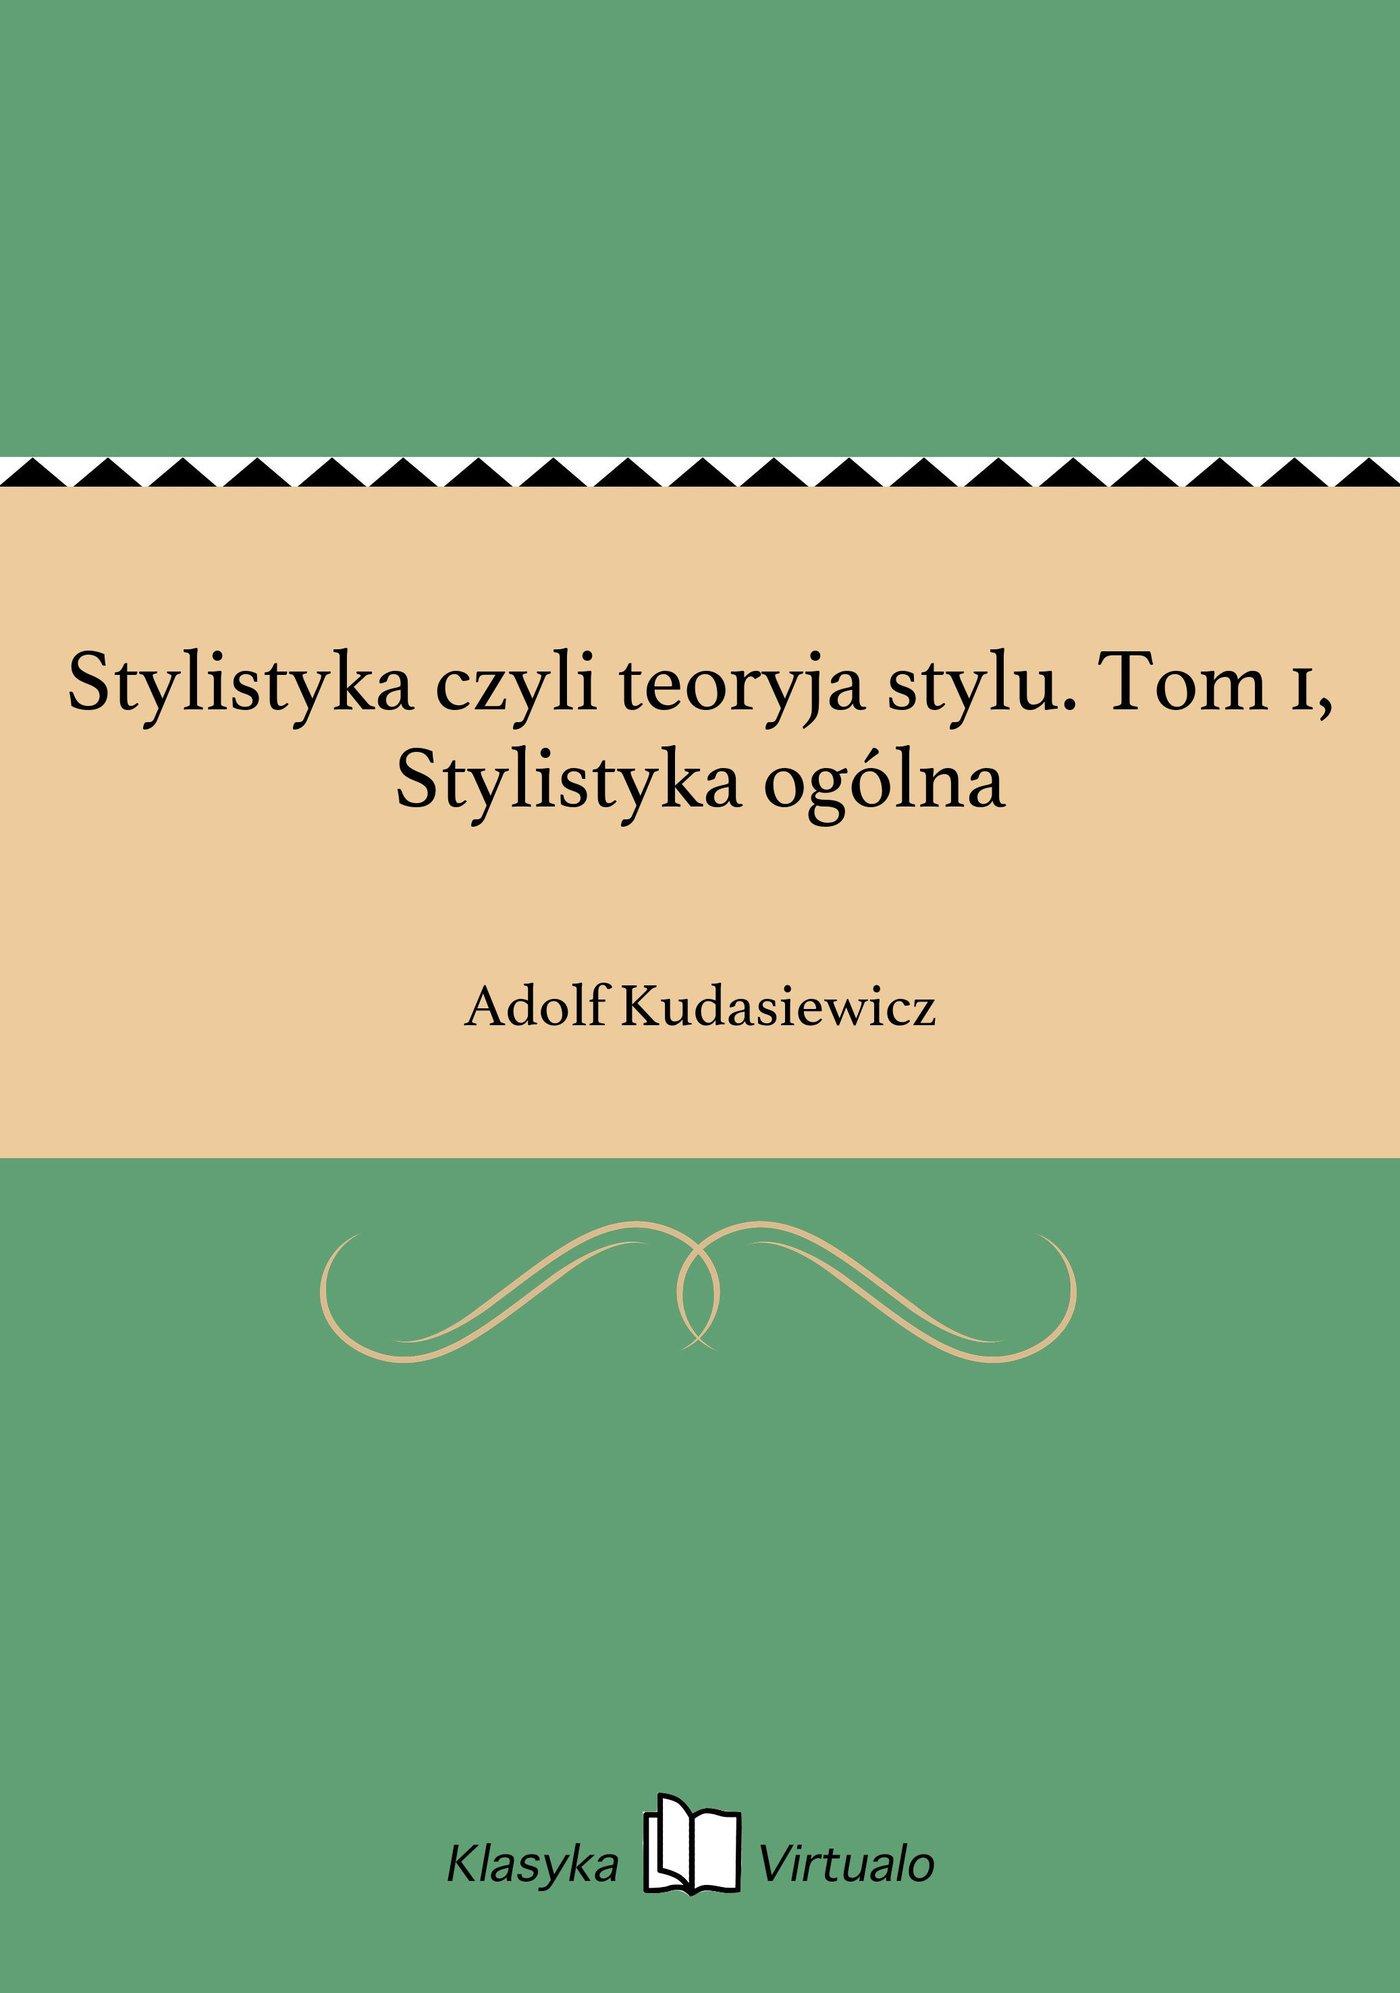 Stylistyka czyli teoryja stylu. Tom 1, Stylistyka ogólna - Ebook (Książka EPUB) do pobrania w formacie EPUB